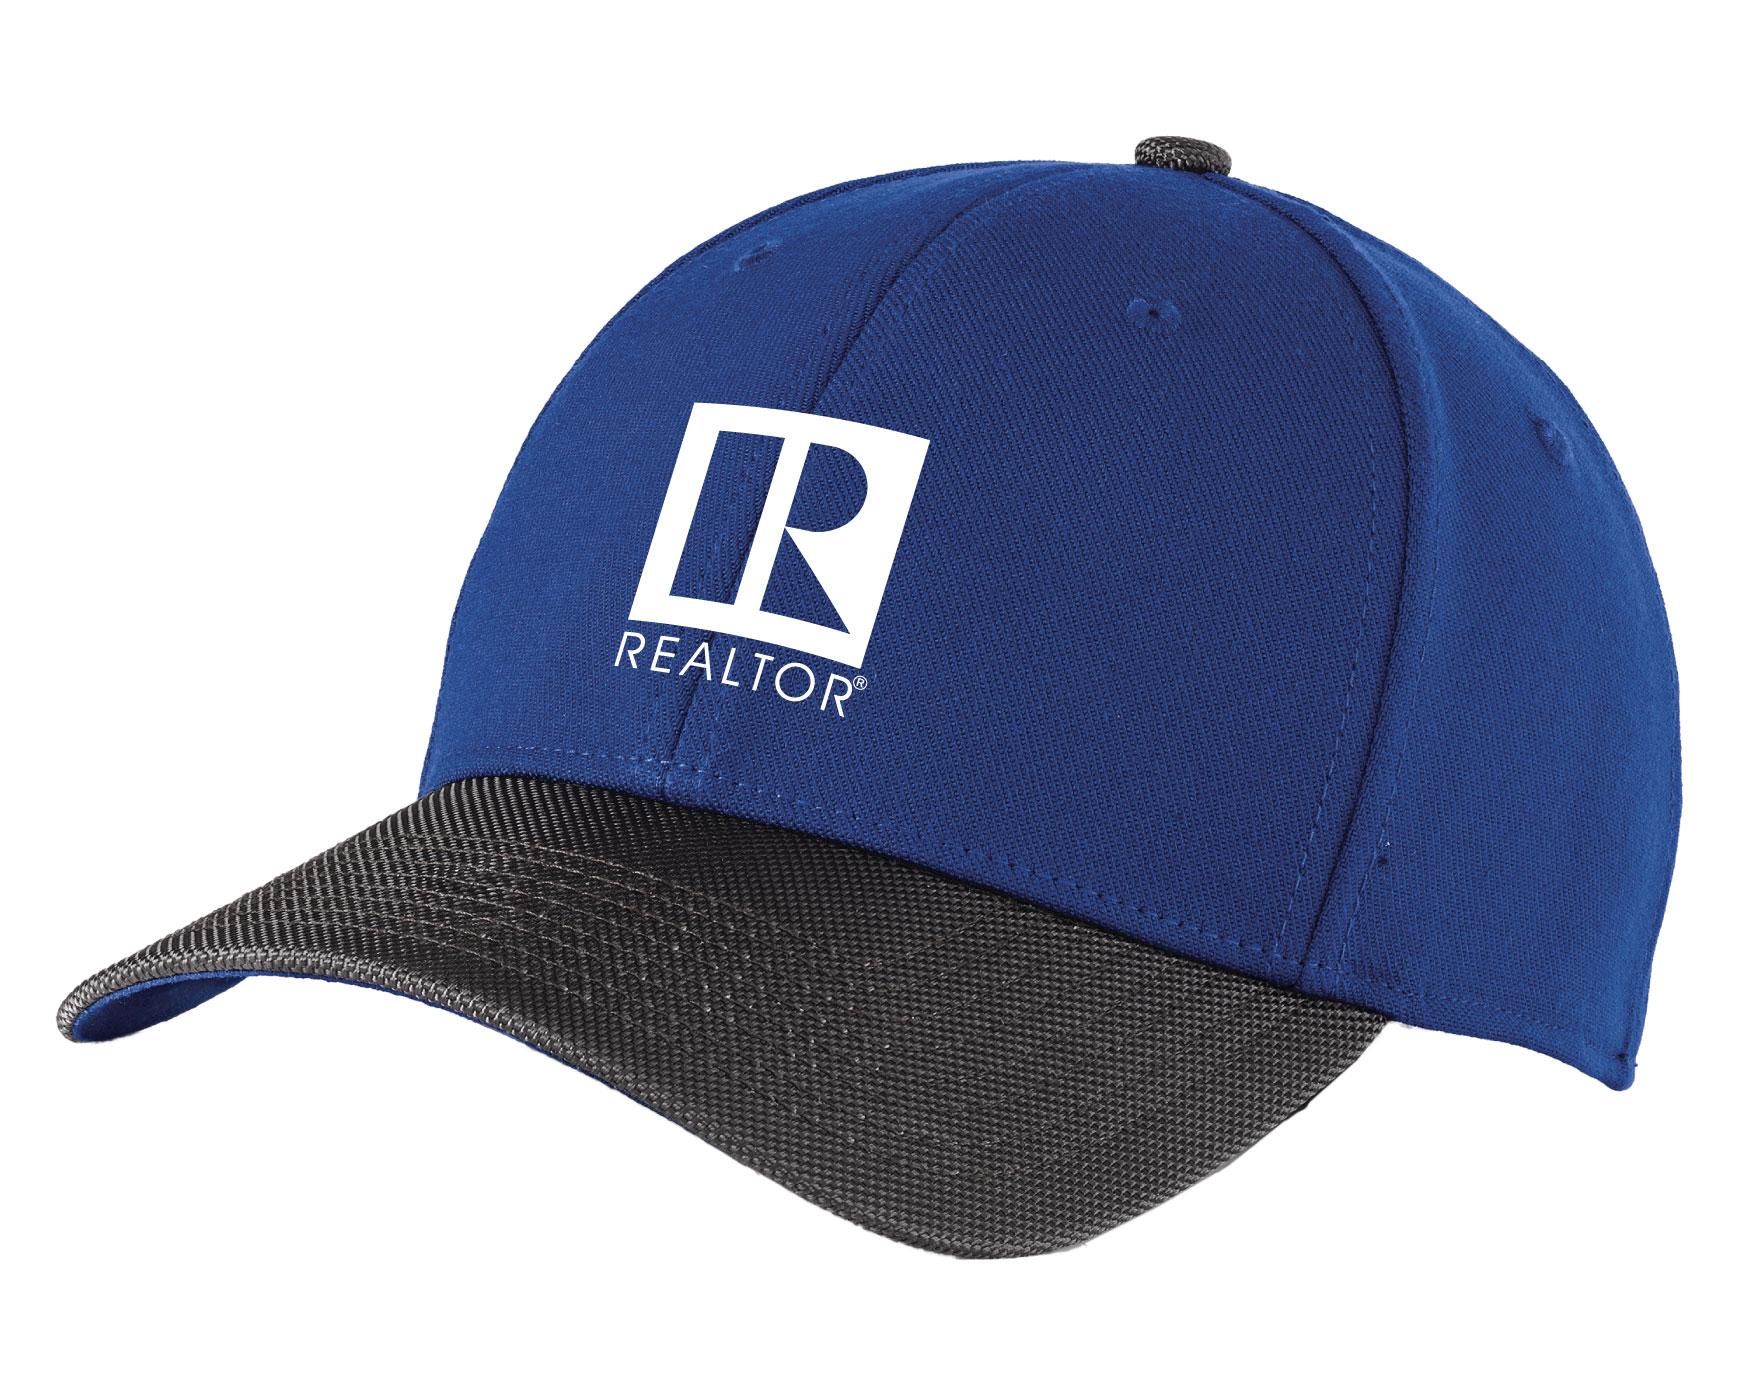 New Era Ballistic Cap Balistic,Caps,Hats,Lids,Baseballs,News,Eras,